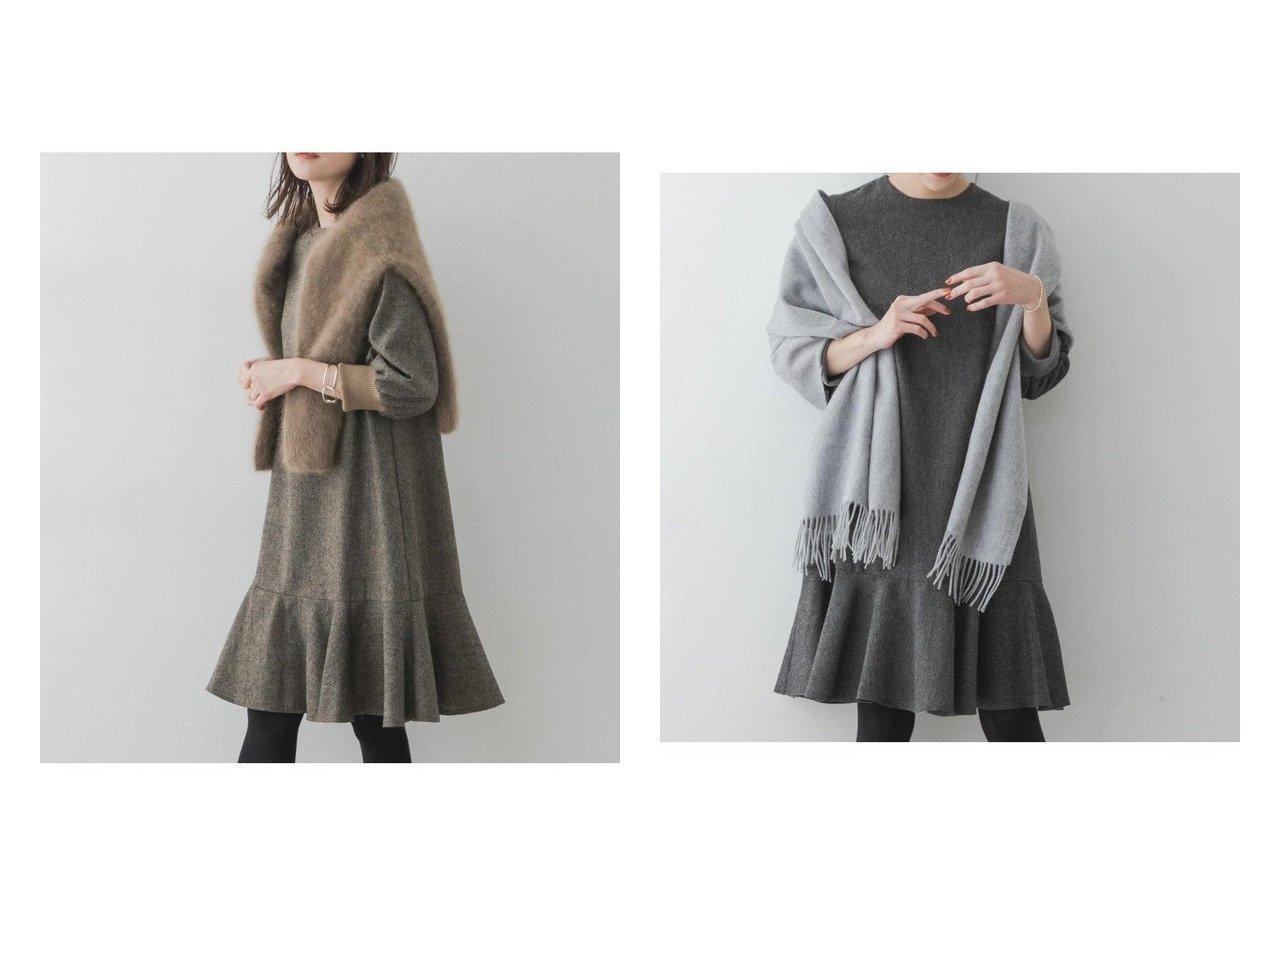 【URBAN RESEARCH ROSSO/アーバンリサーチ ロッソ】のF by ROSSO ツイード裾フレアワンピース ワンピース・ドレスのおすすめ!人気、トレンド・レディースファッションの通販 おすすめで人気の流行・トレンド、ファッションの通販商品 メンズファッション・キッズファッション・インテリア・家具・レディースファッション・服の通販 founy(ファニー) https://founy.com/ ファッション Fashion レディースファッション WOMEN ワンピース Dress スニーカー ツイード トレンド フェミニン フレア ポケット 人気 |ID:crp329100000013051